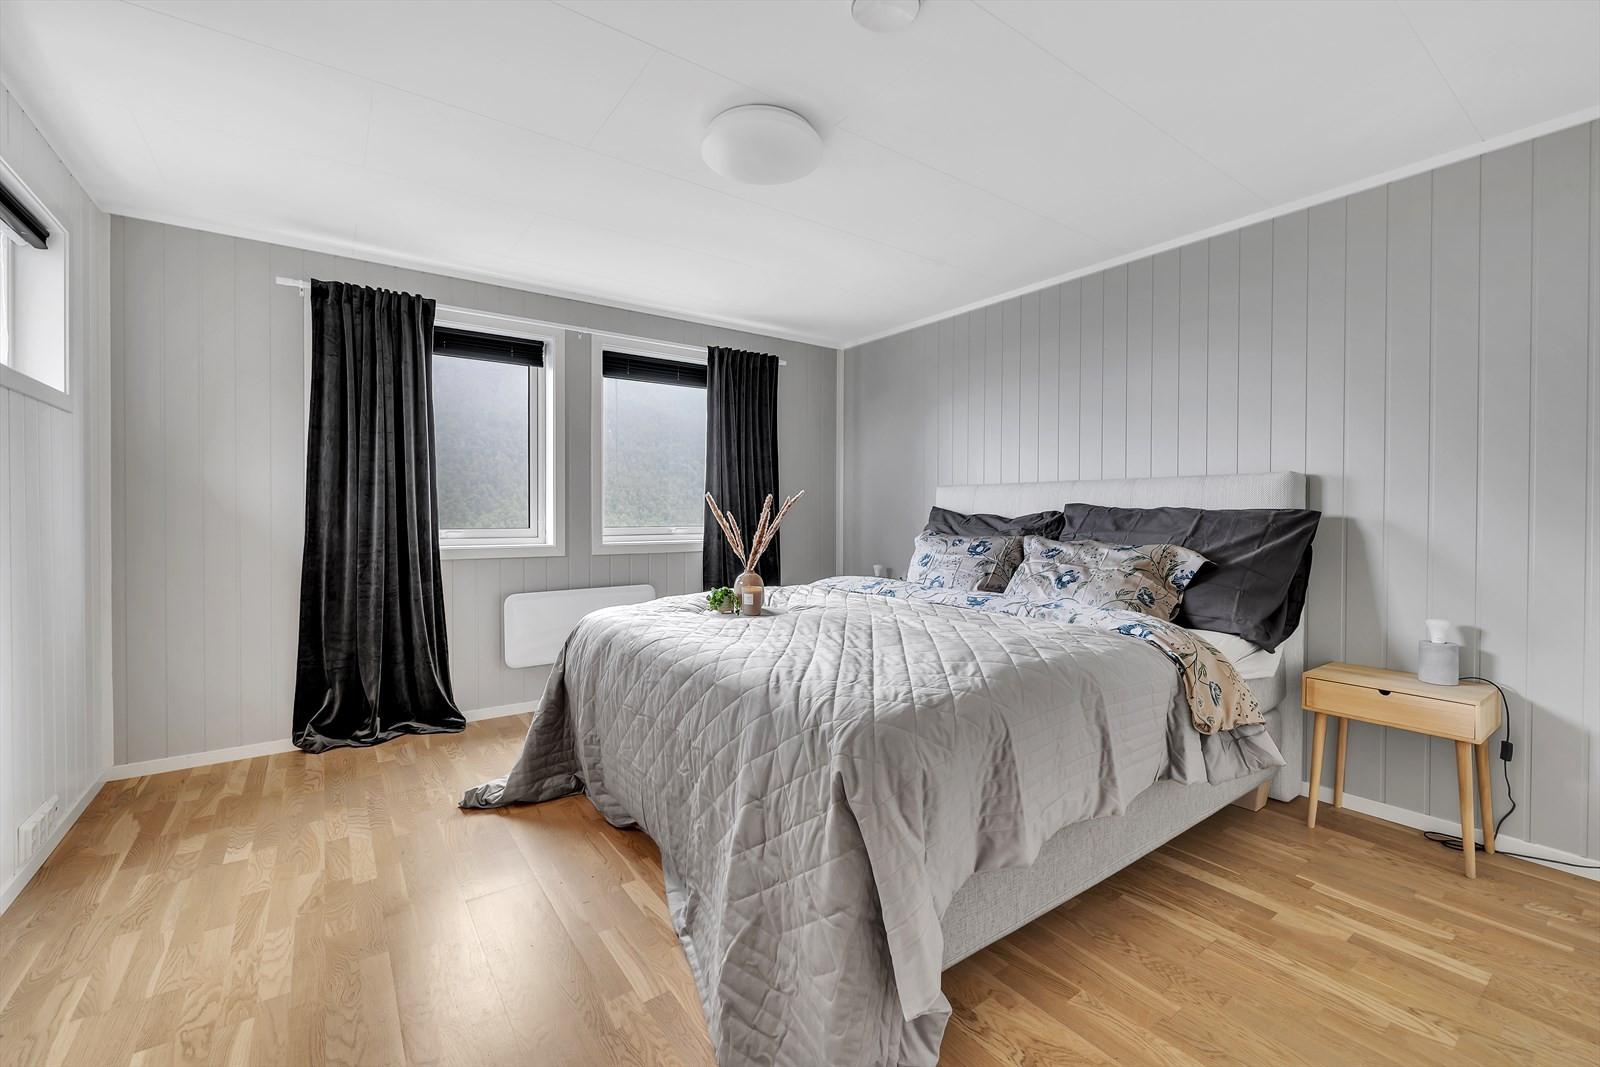 3 av soverommene er samlet i øversete etasje hvor det også er eget bad